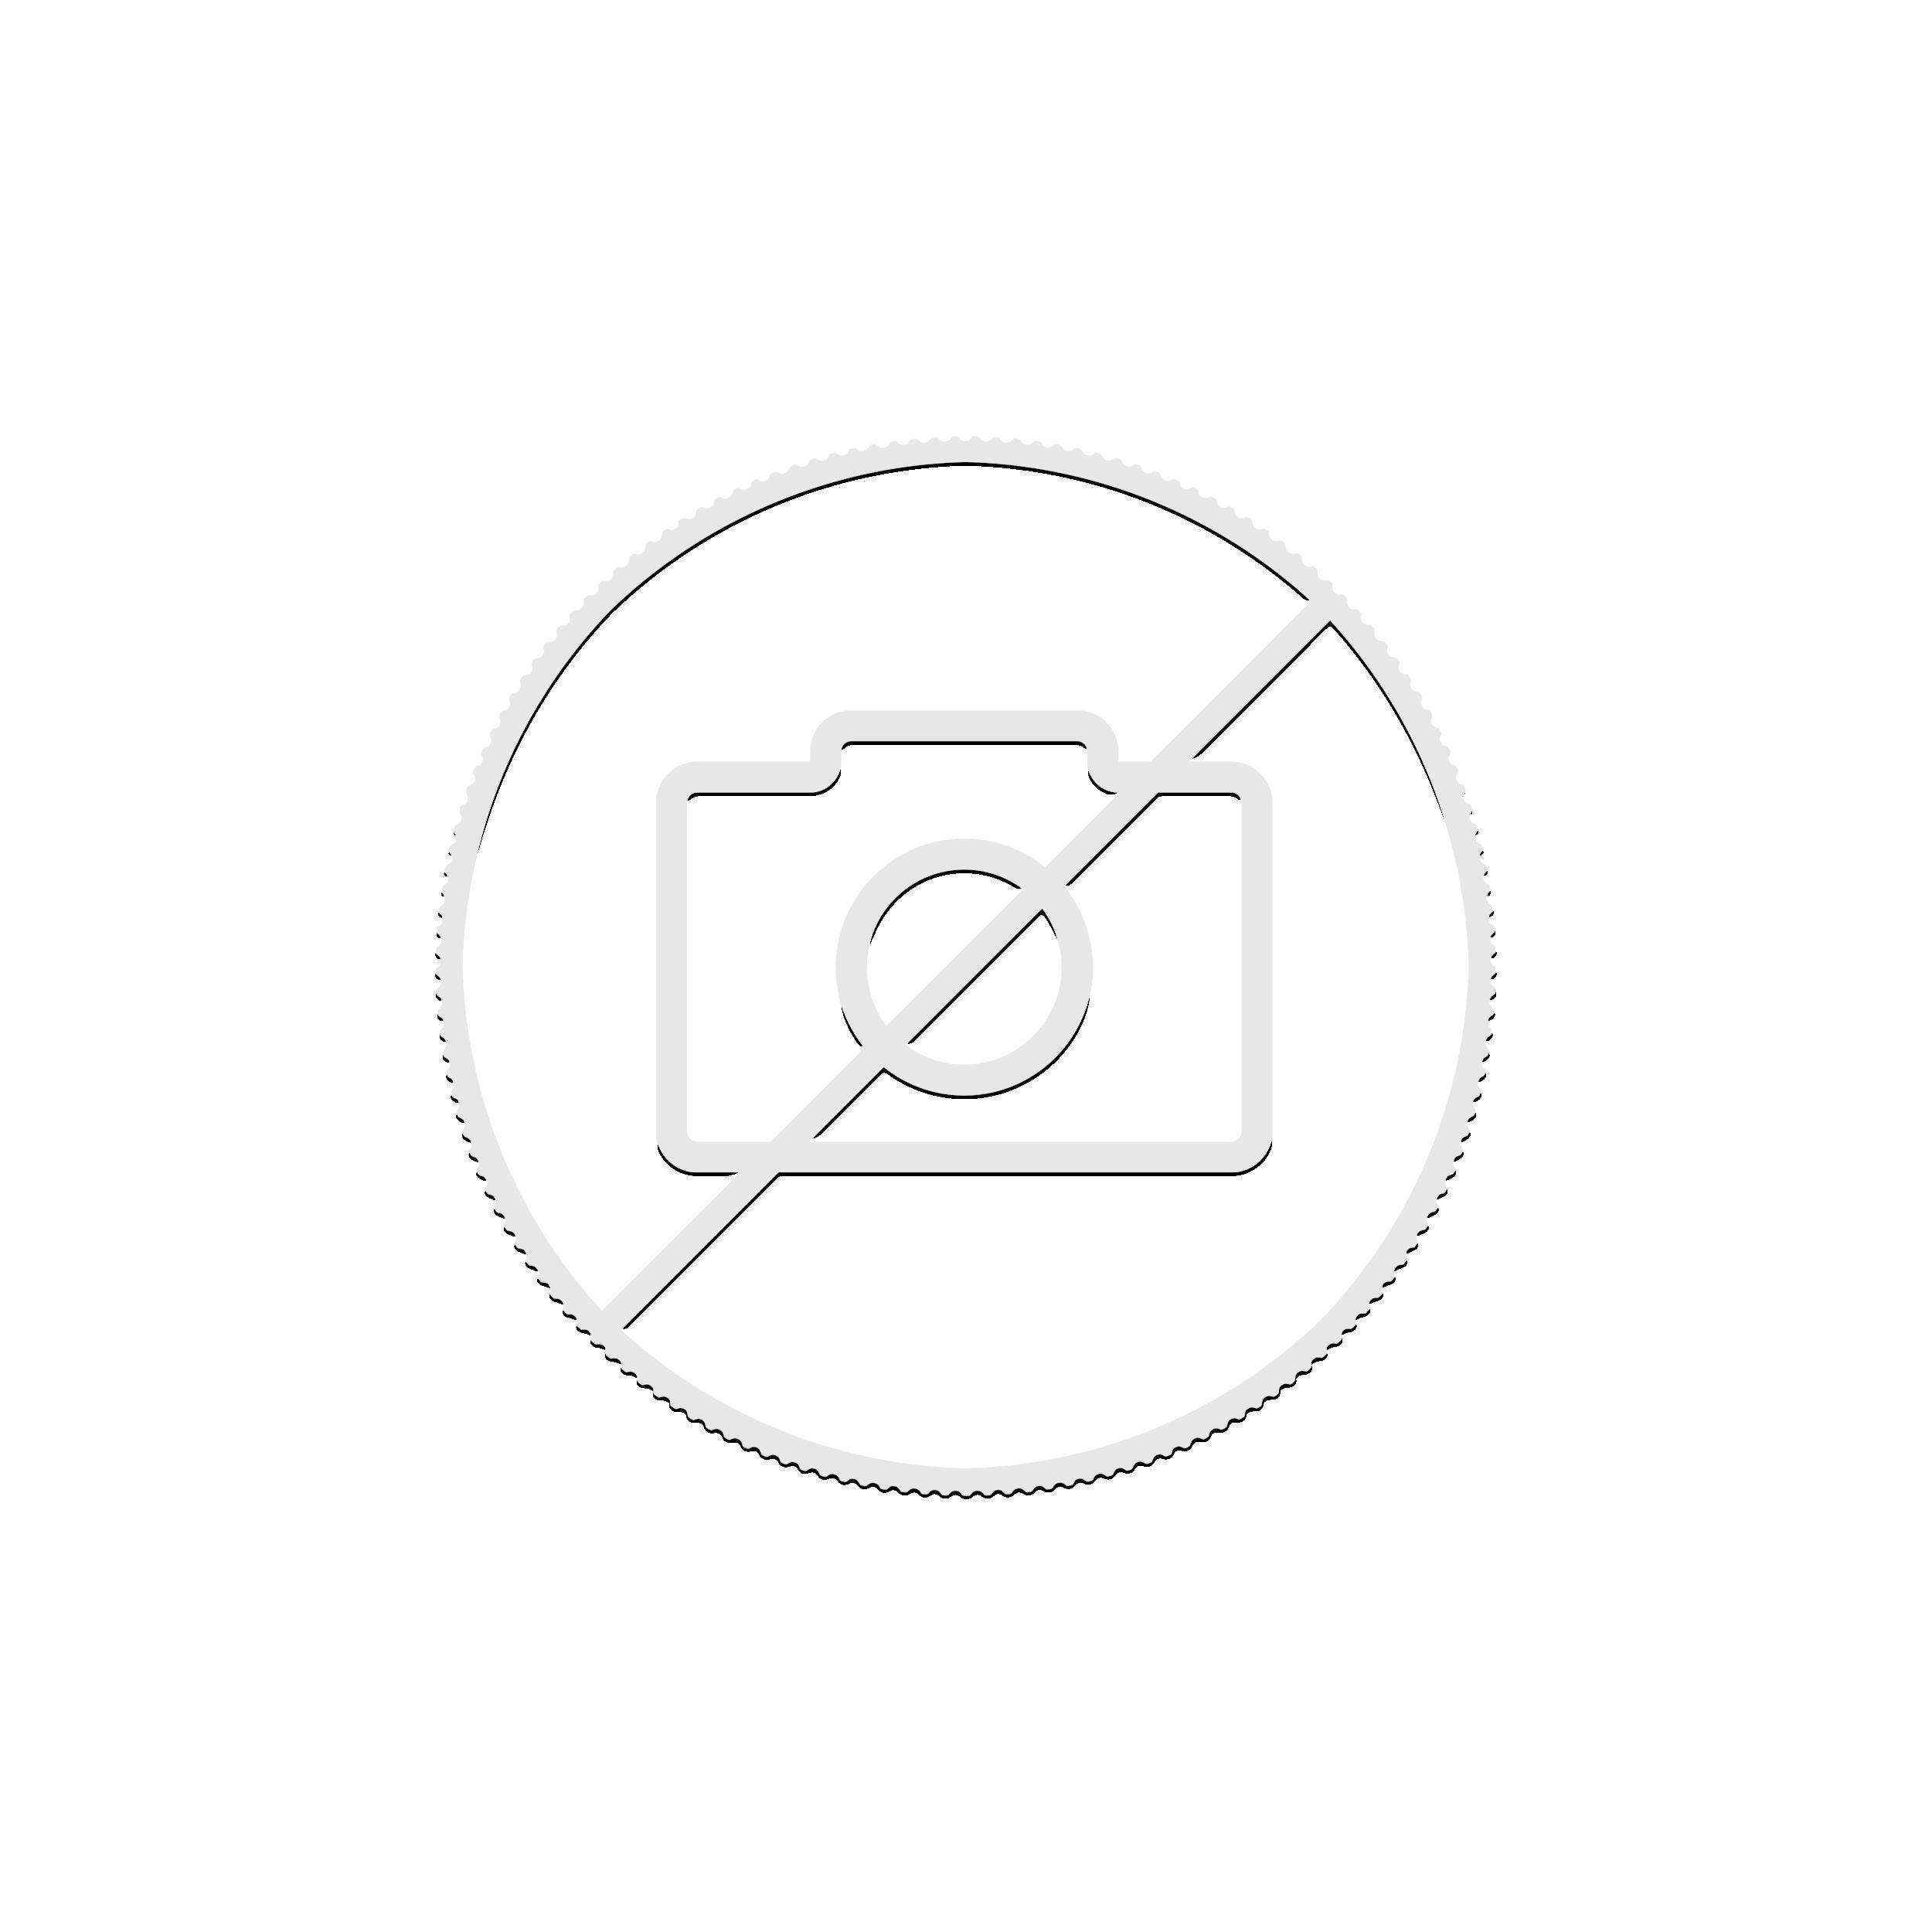 Tasmaanse duivel 1/2 oz zilveren munt 2021